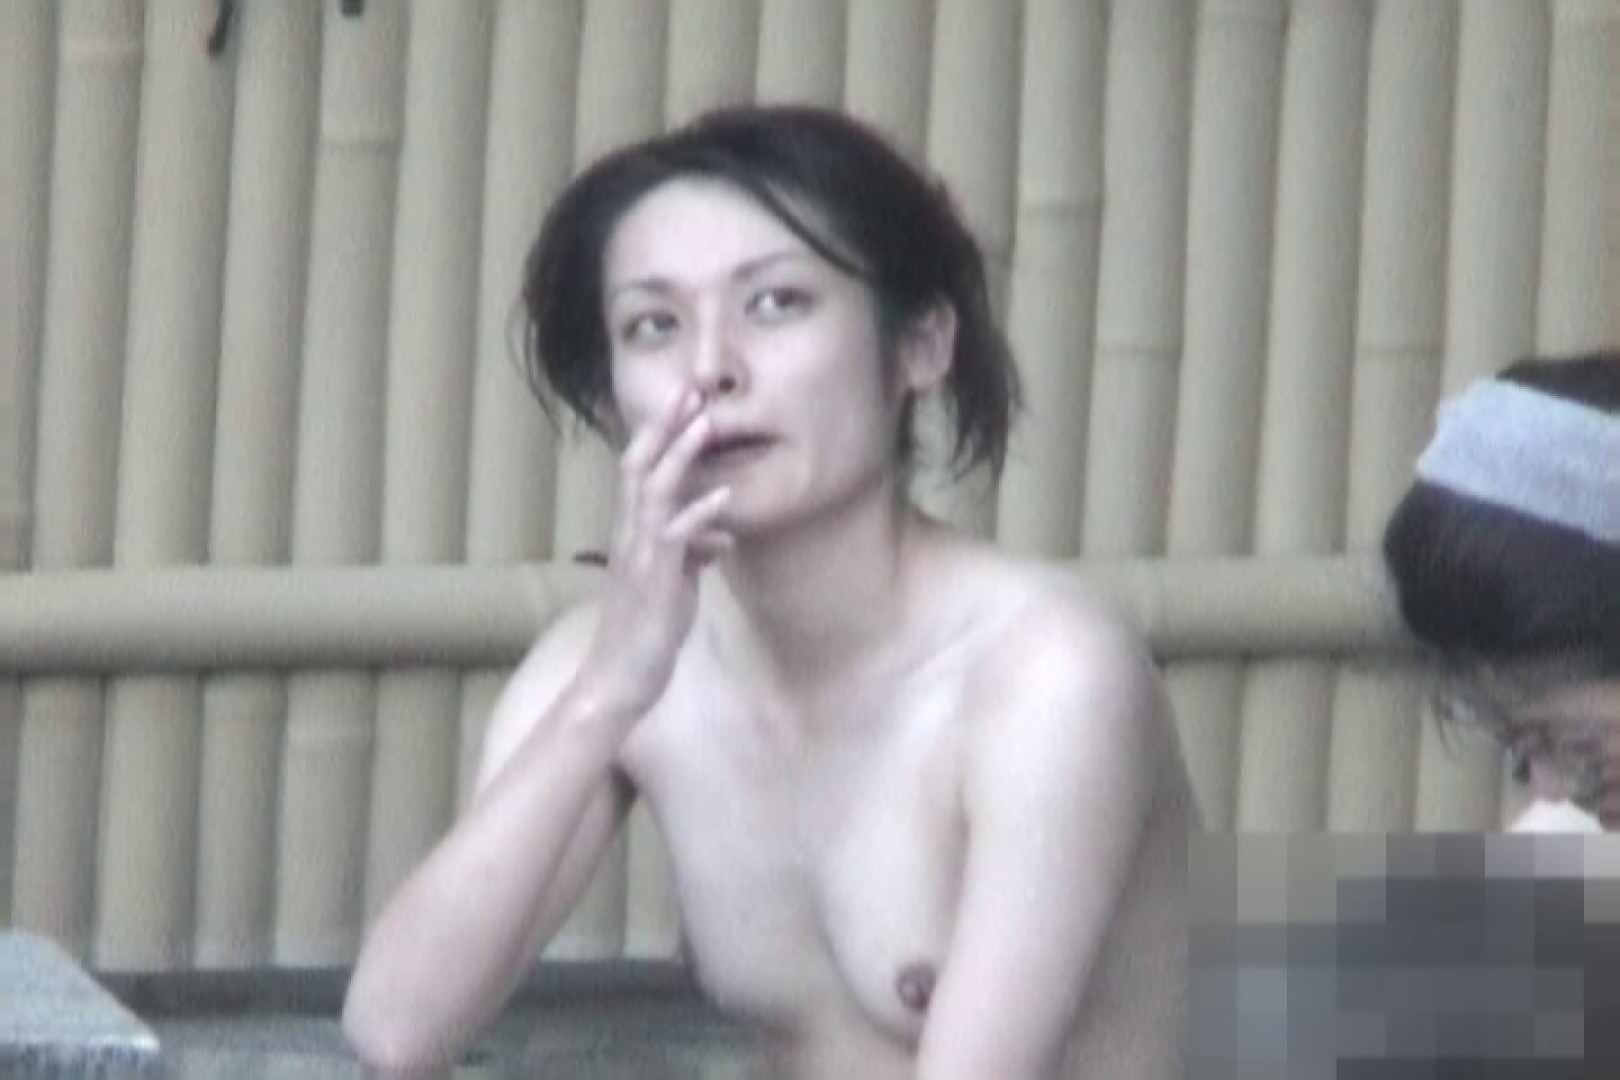 Aquaな露天風呂Vol.839 盗撮師作品 | 美しいOLの裸体  96pic 85